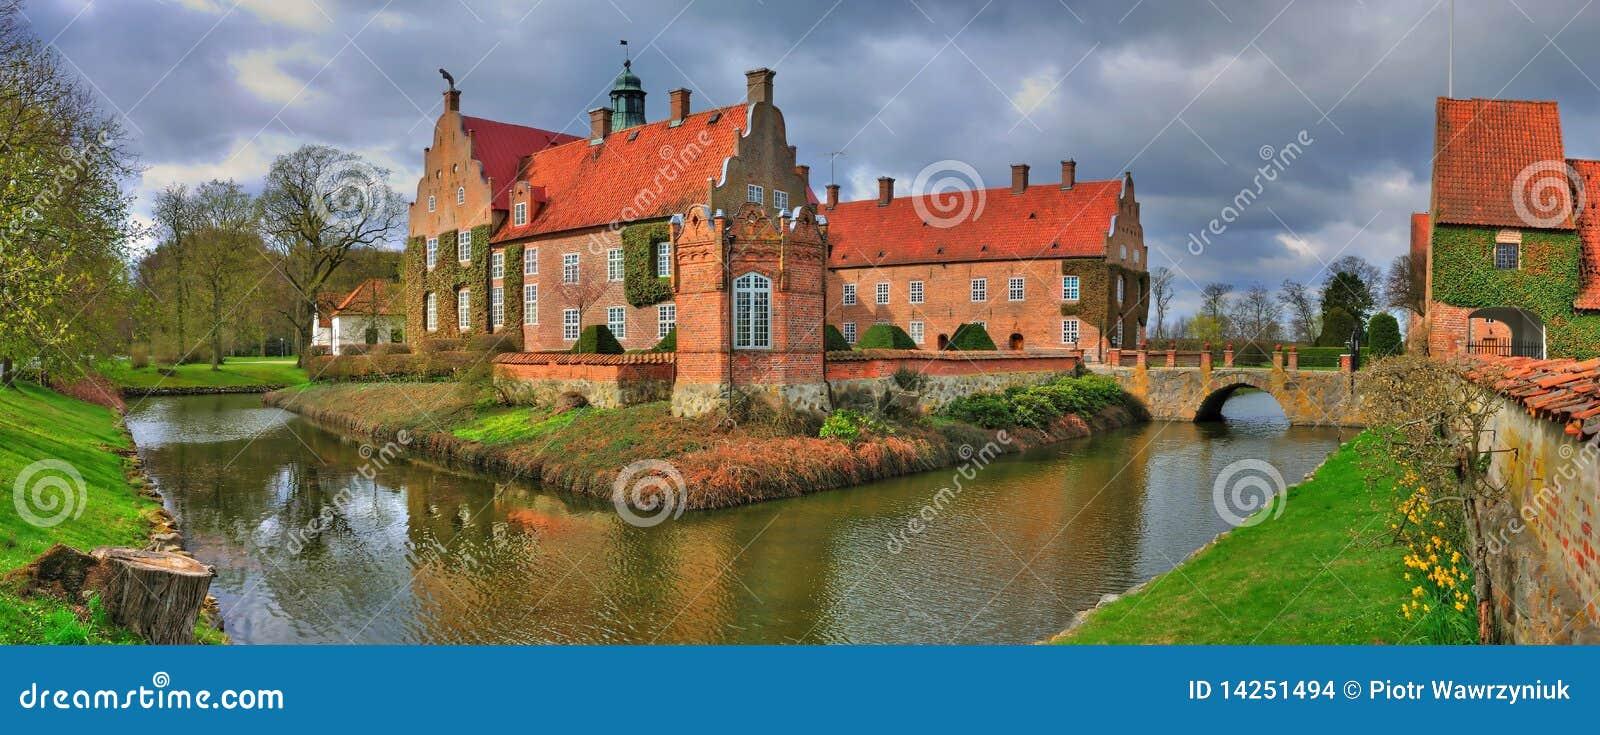 κάστρο μικρά σουηδικά